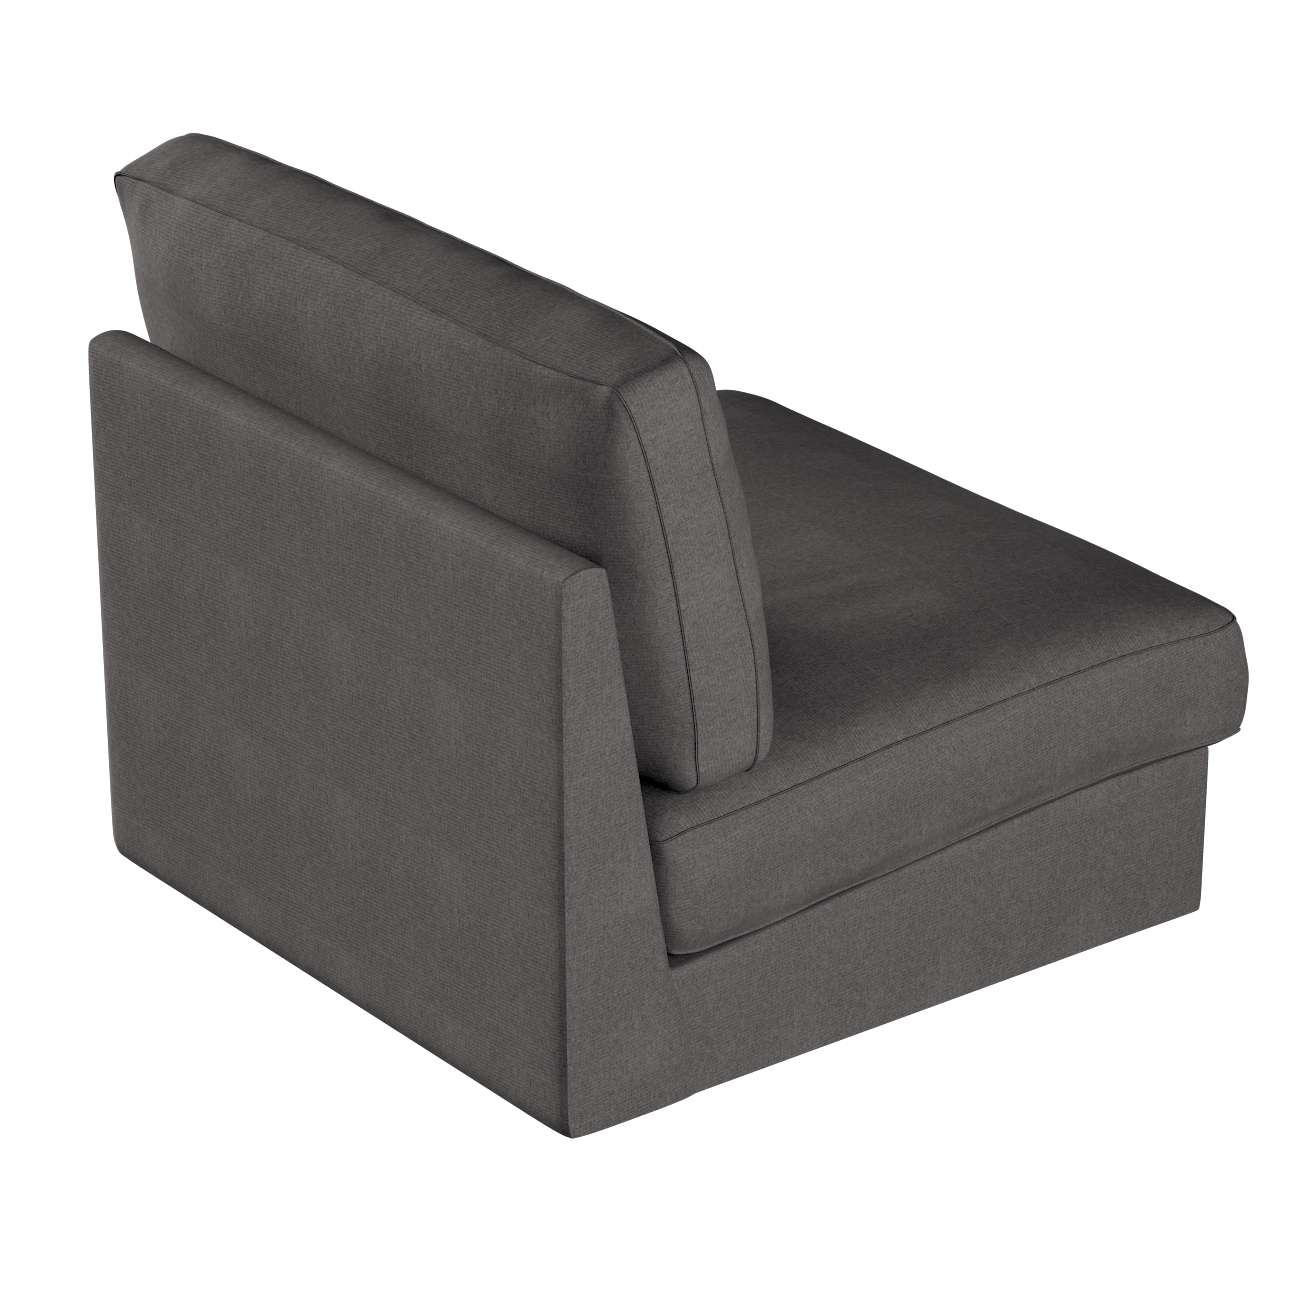 Pokrowiec na fotel Kivik w kolekcji Etna, tkanina: 705-35